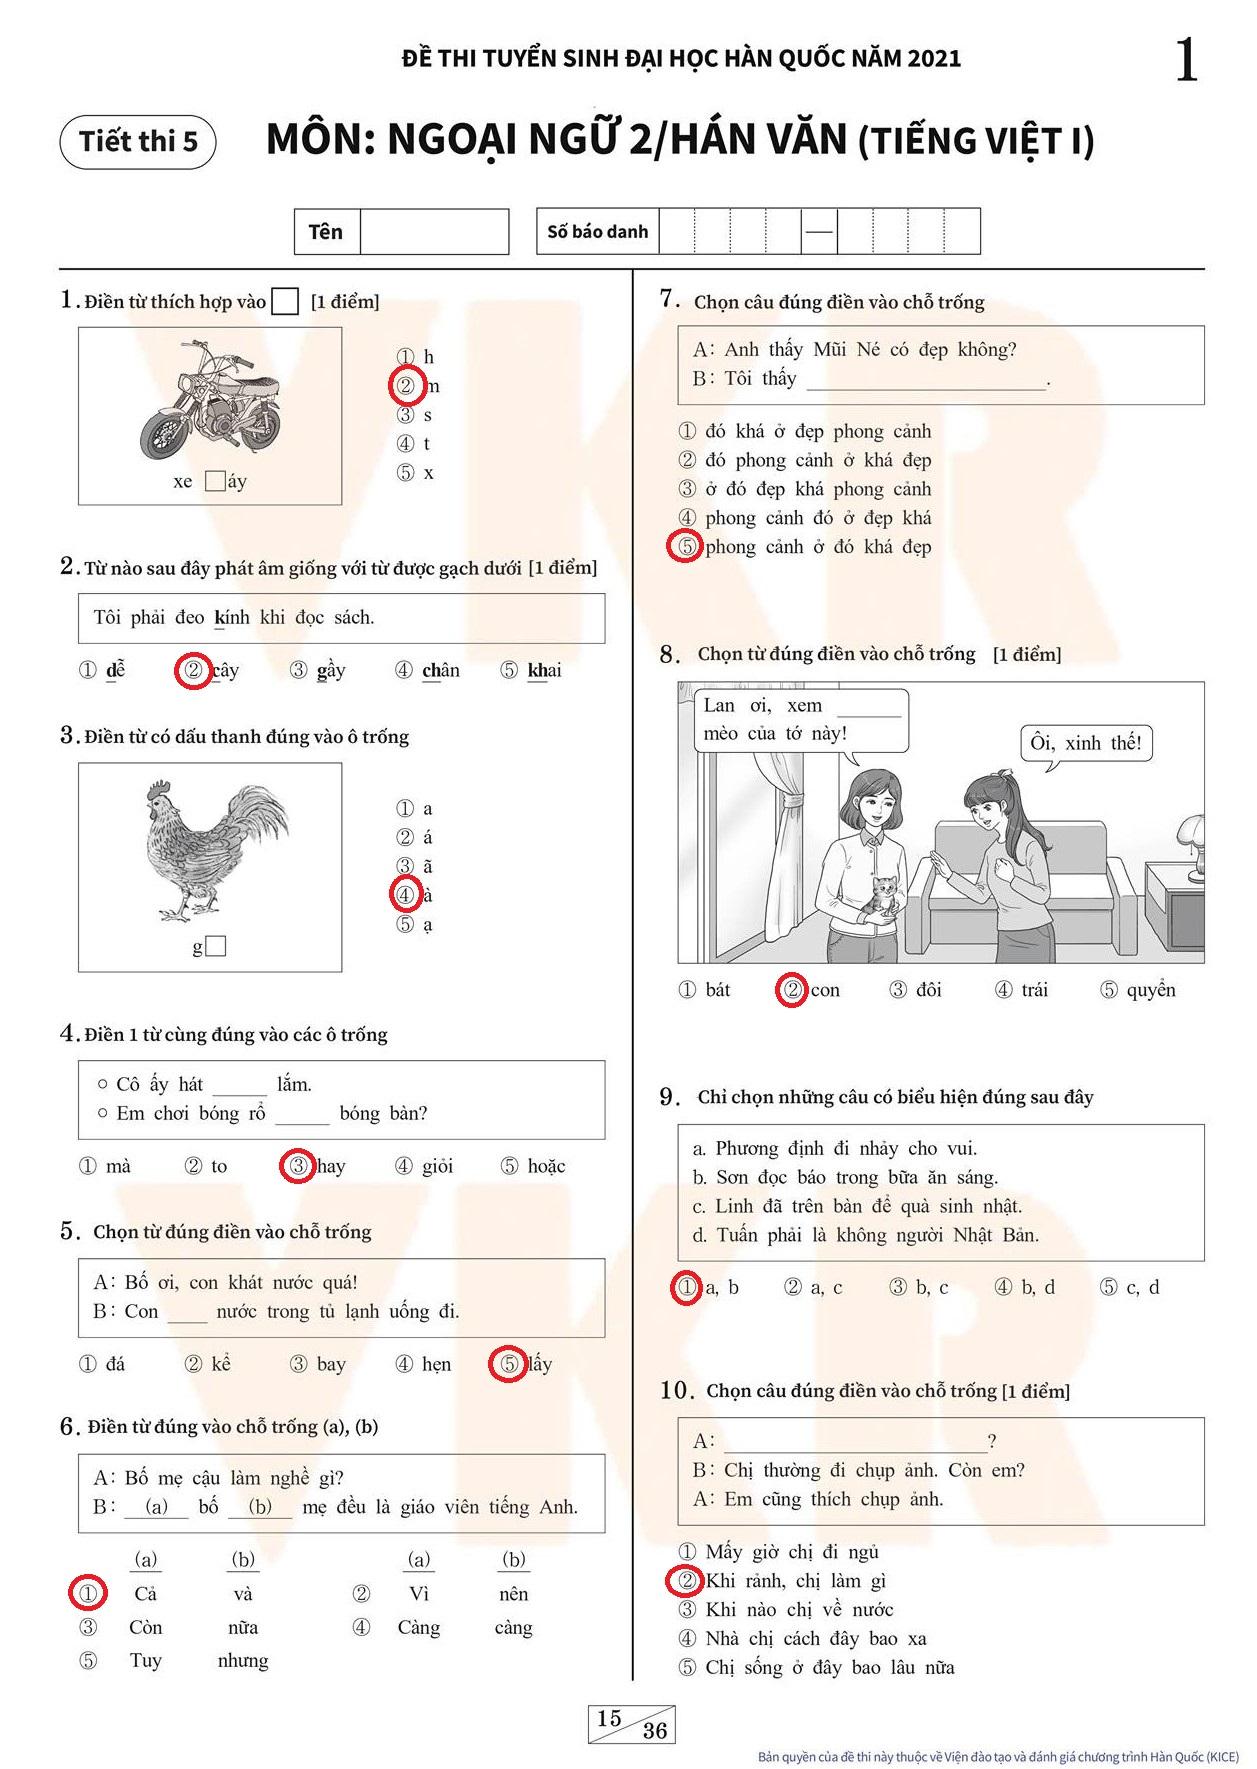 Đáp án môn tiếng Việt trong kỳ thi Đại học Hàn Quốc: Lắt léo vô cùng - Ảnh 2.